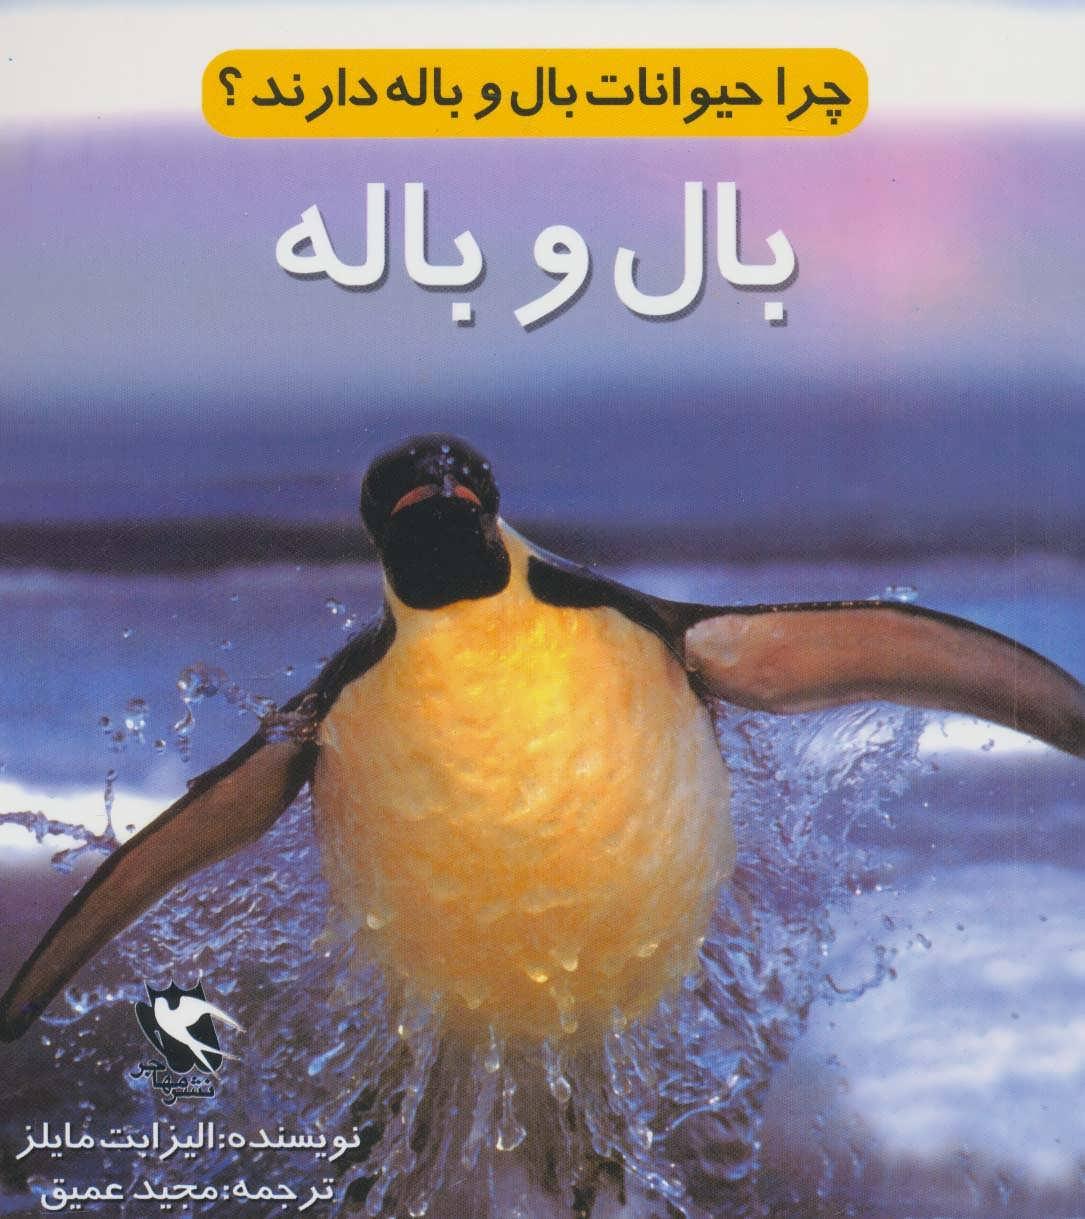 کتاب چرا حیوانات بال و باله دارند؟